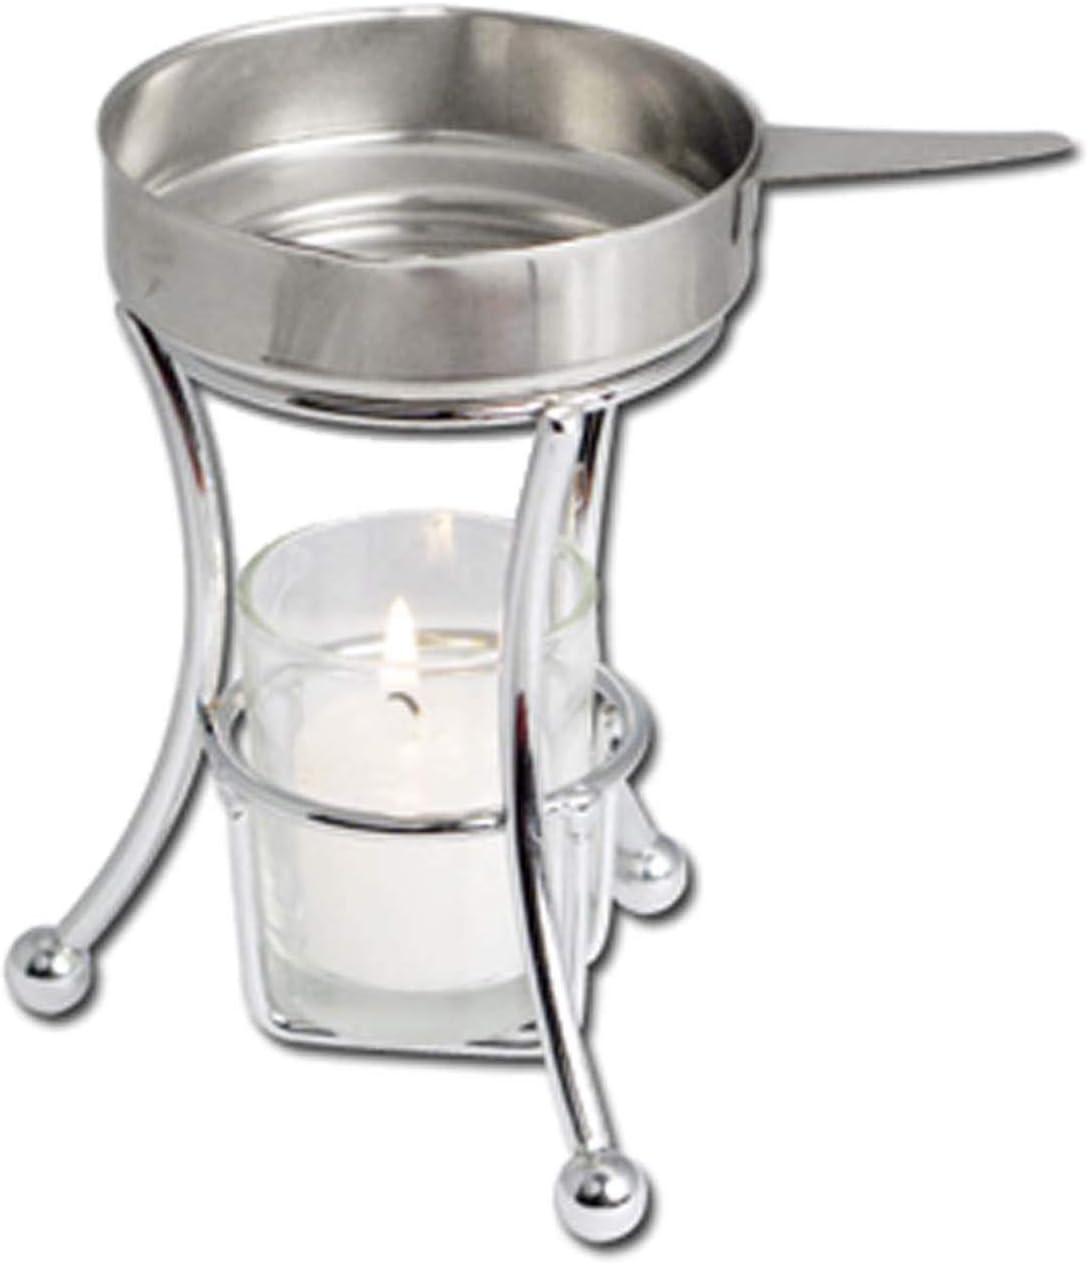 Winco Butter Warmer, 3.5-Inch